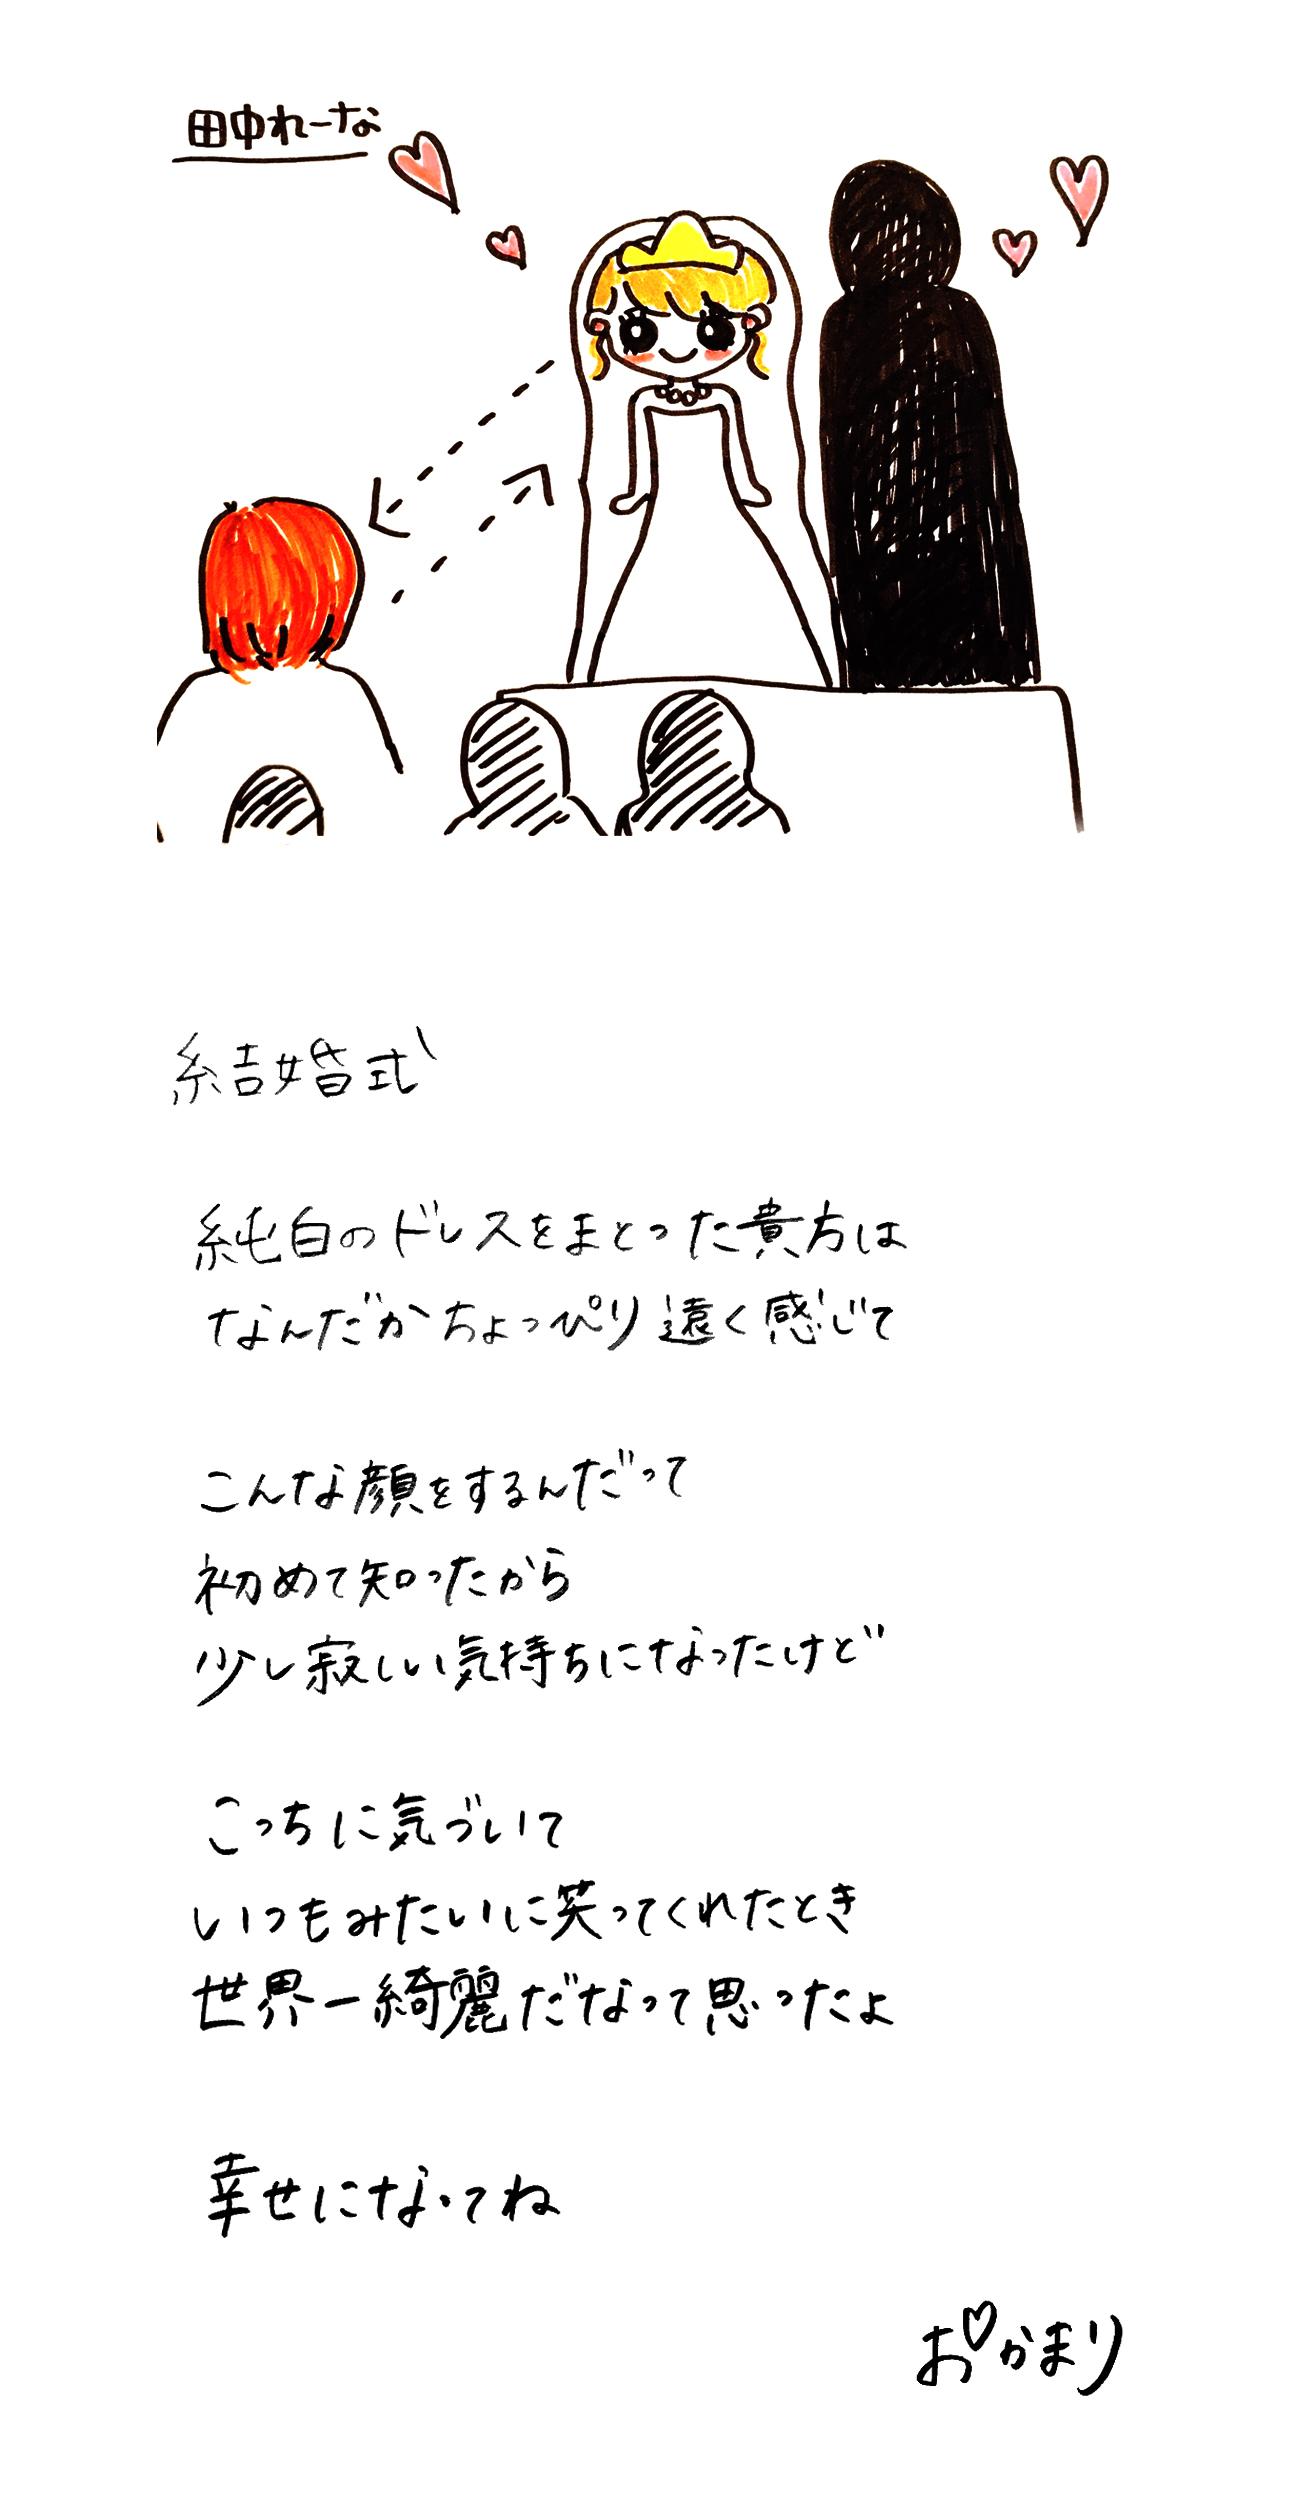 イラスト:田中れいな/テキスト:岡田万里奈